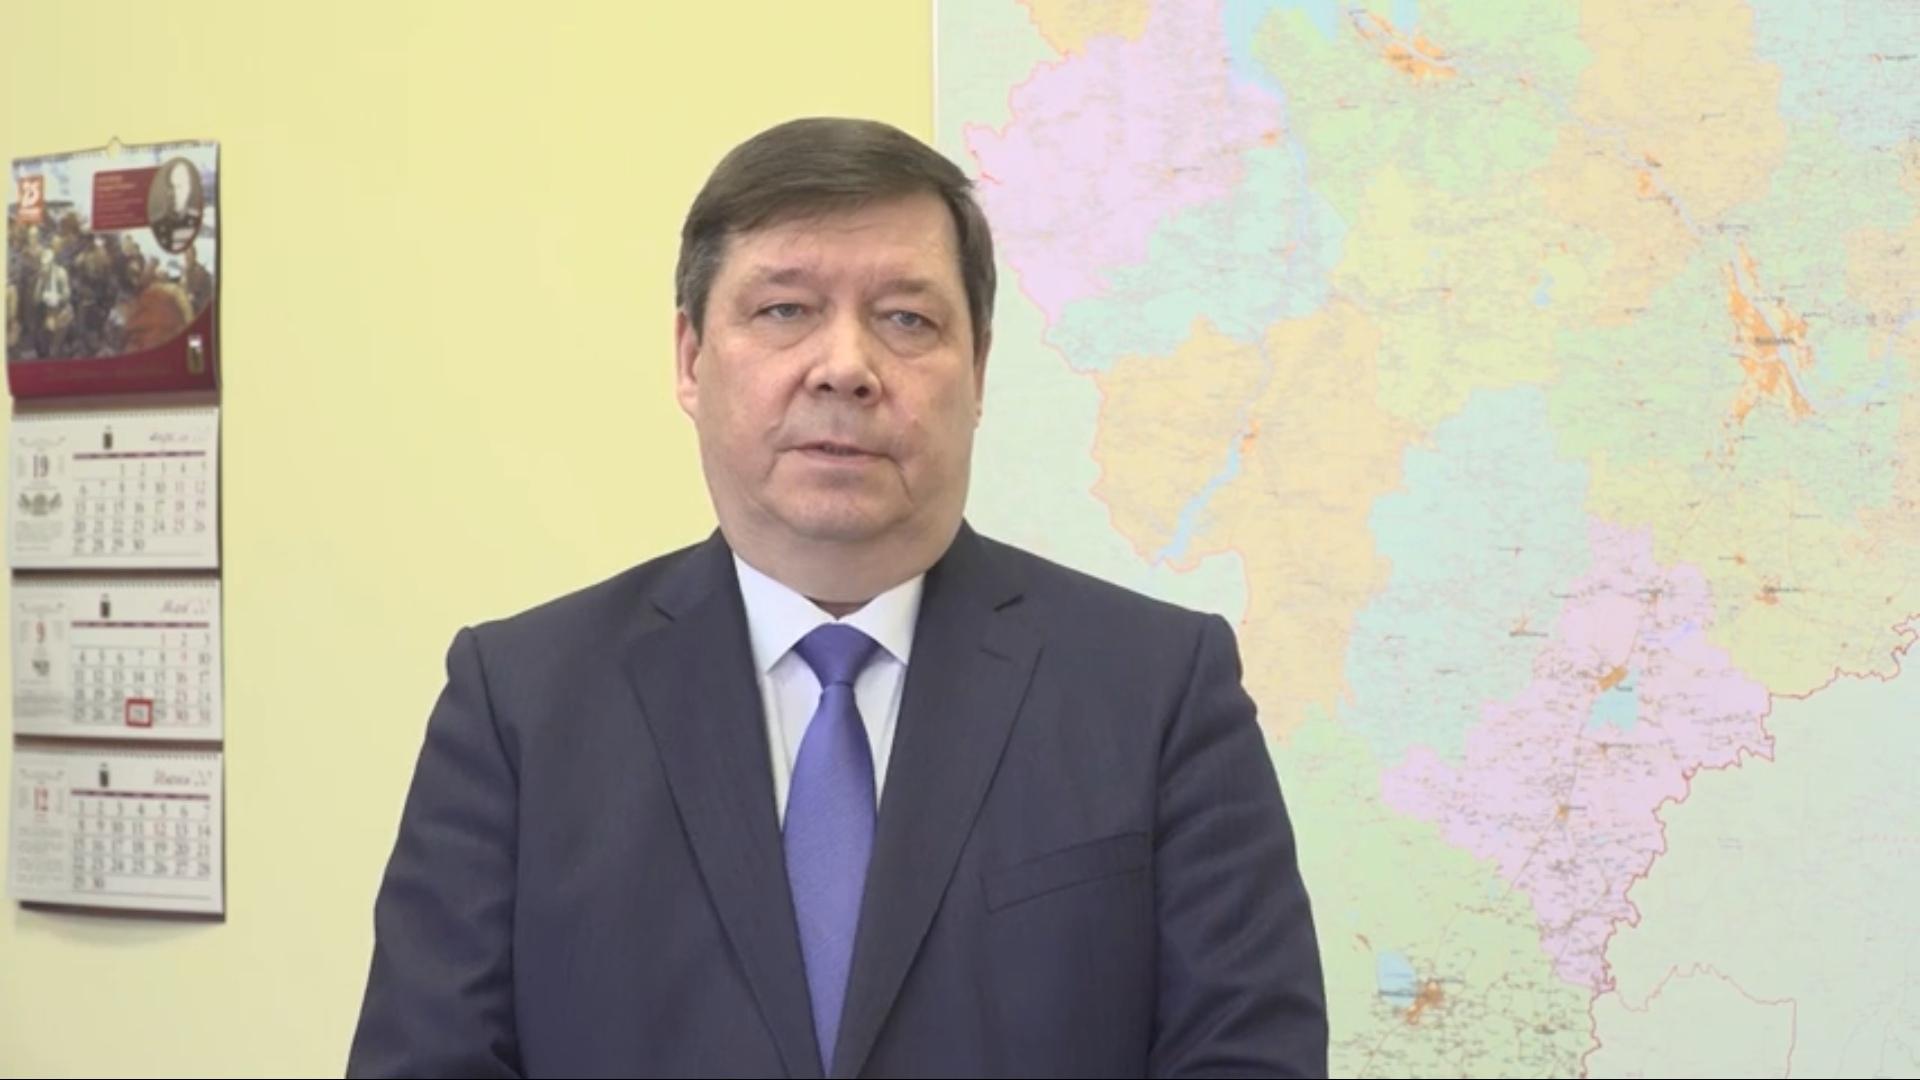 Зампредседателя правительства Ярославской области рассказал об учете смертей от коронавируса